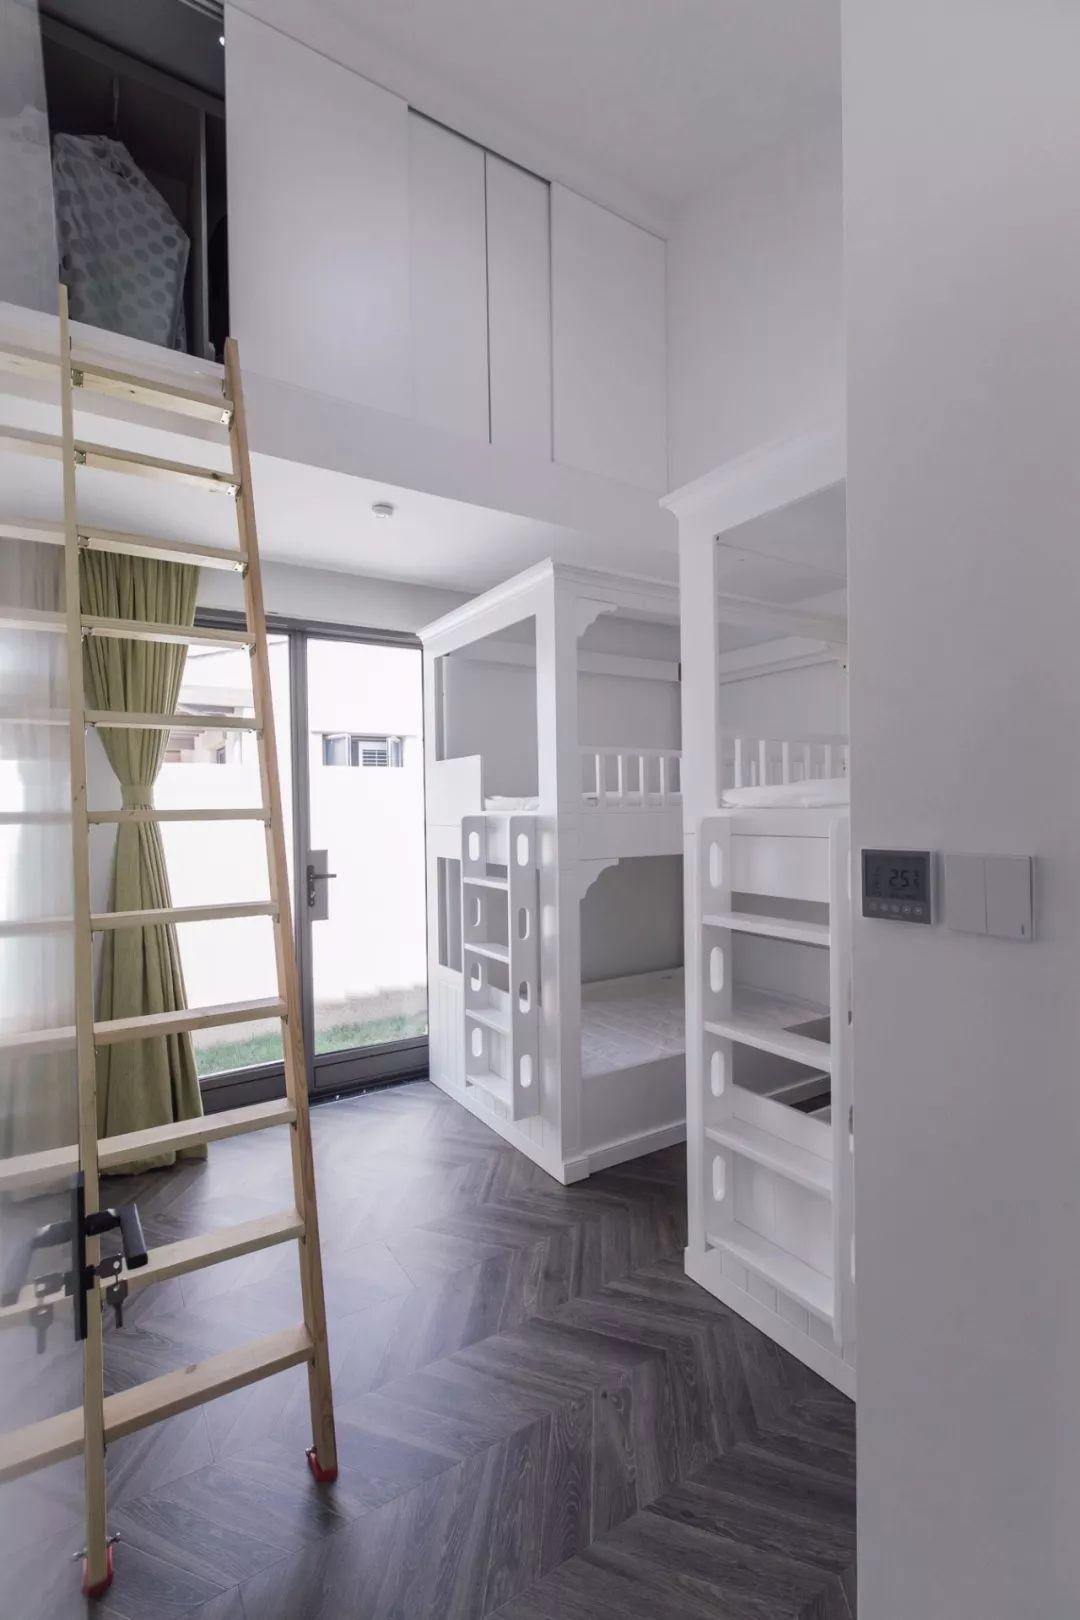 儿童房两张白色子母床进行了并排设计,并在中间留出走道,让孩子们拥有自己各自独立的空间。